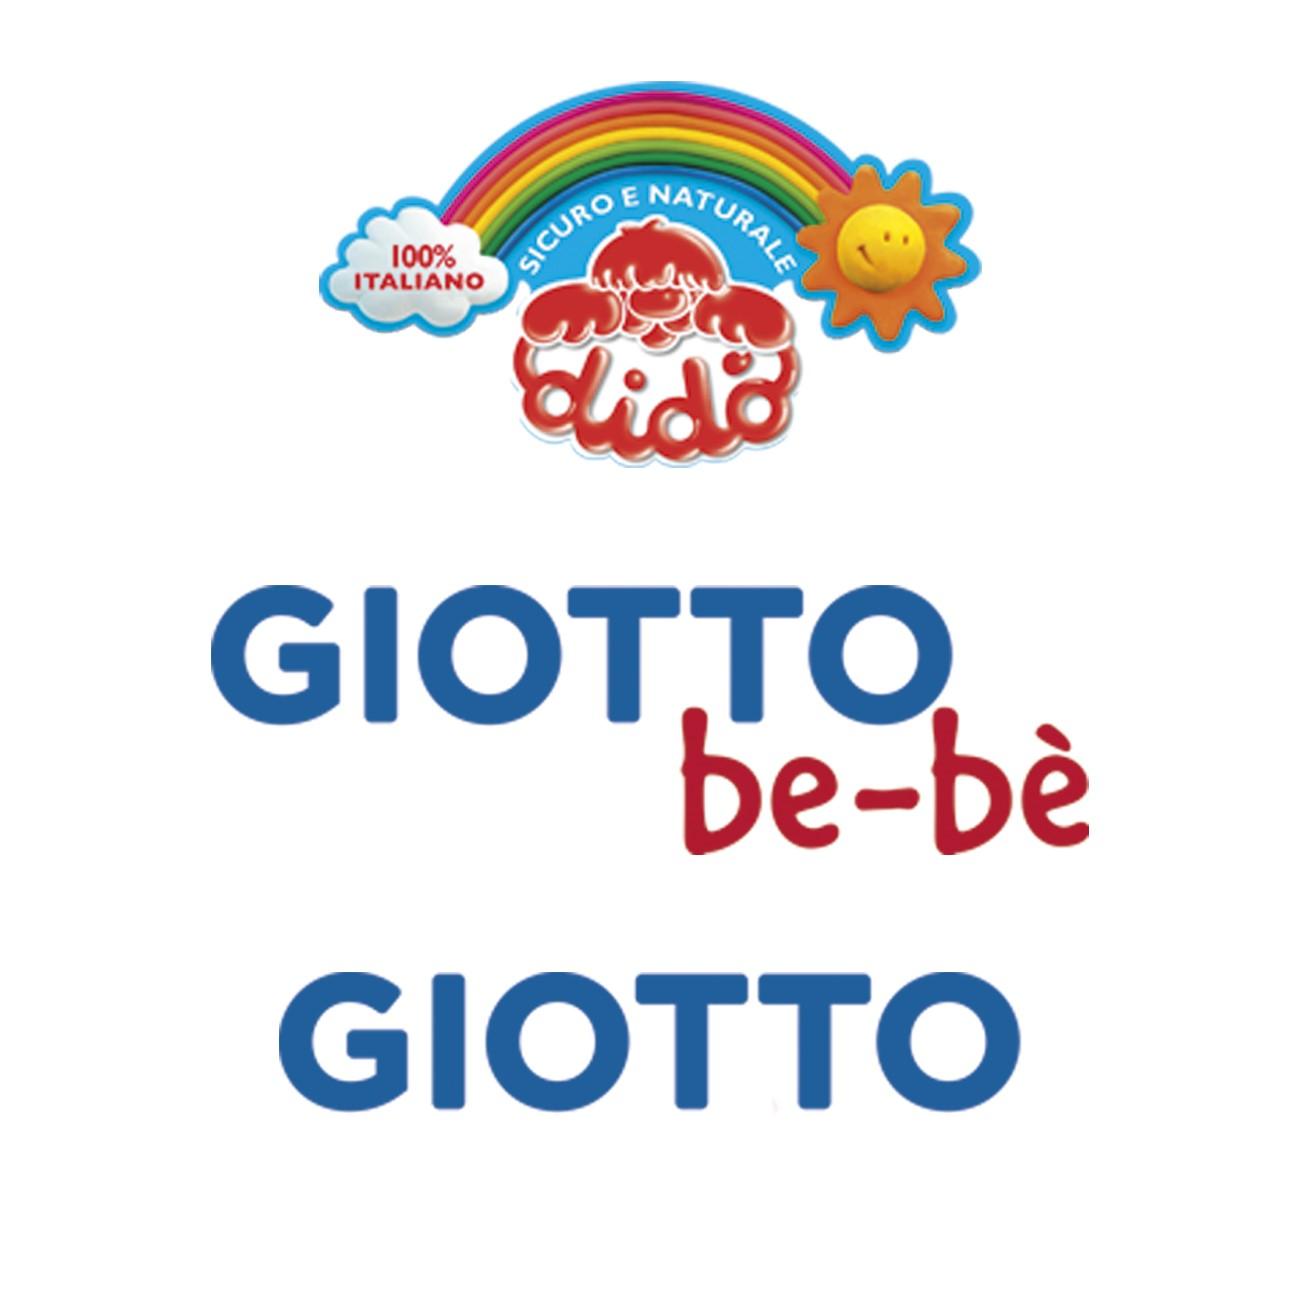 logo brand Giotto-Didò